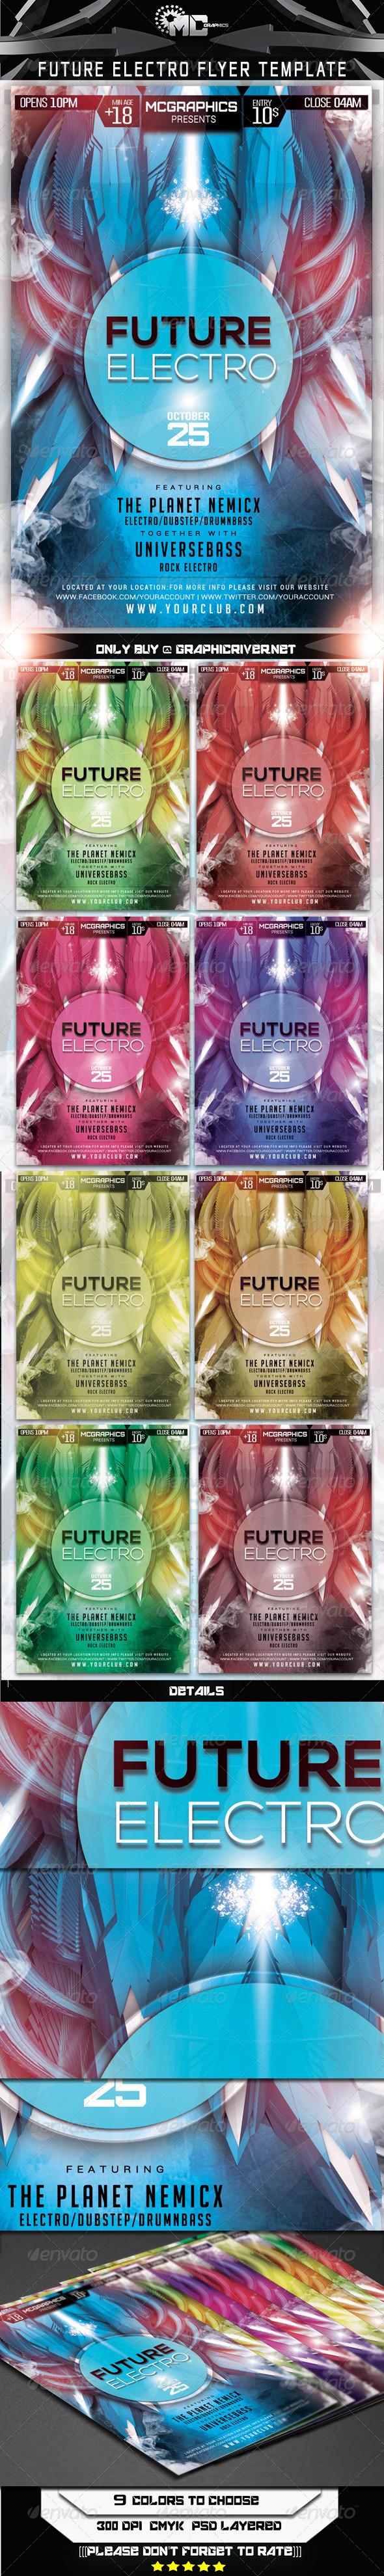 GraphicRiver Future Electro Flyer Template 7549693